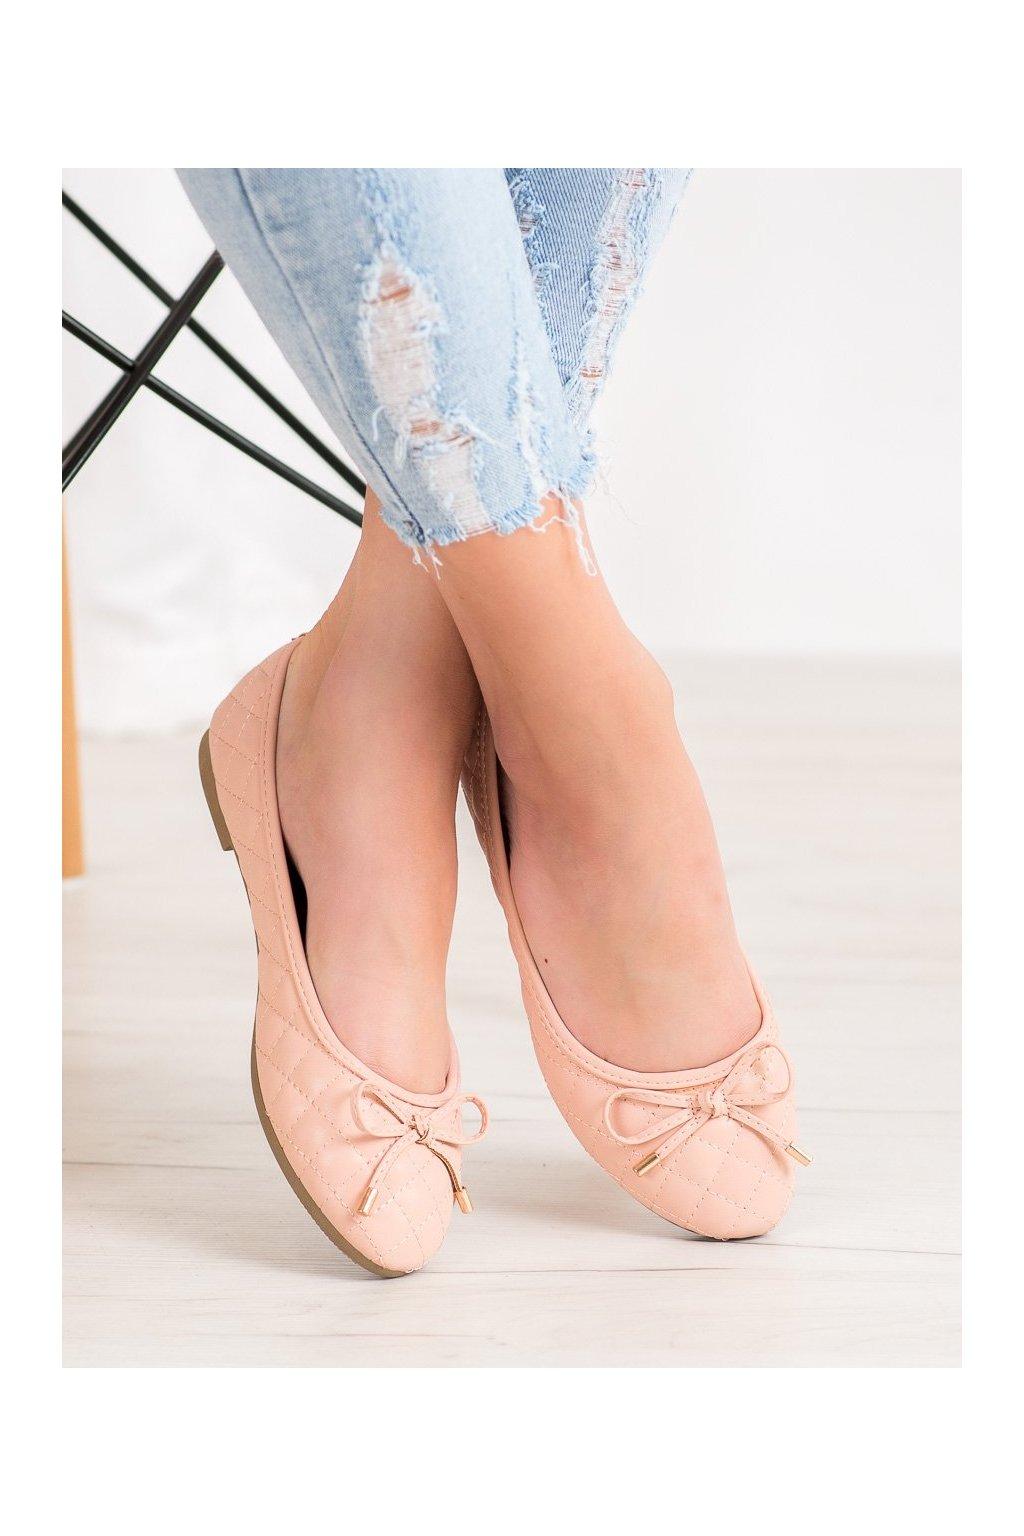 Hnedé dámske balerínky Diamantique kod YSD827NU